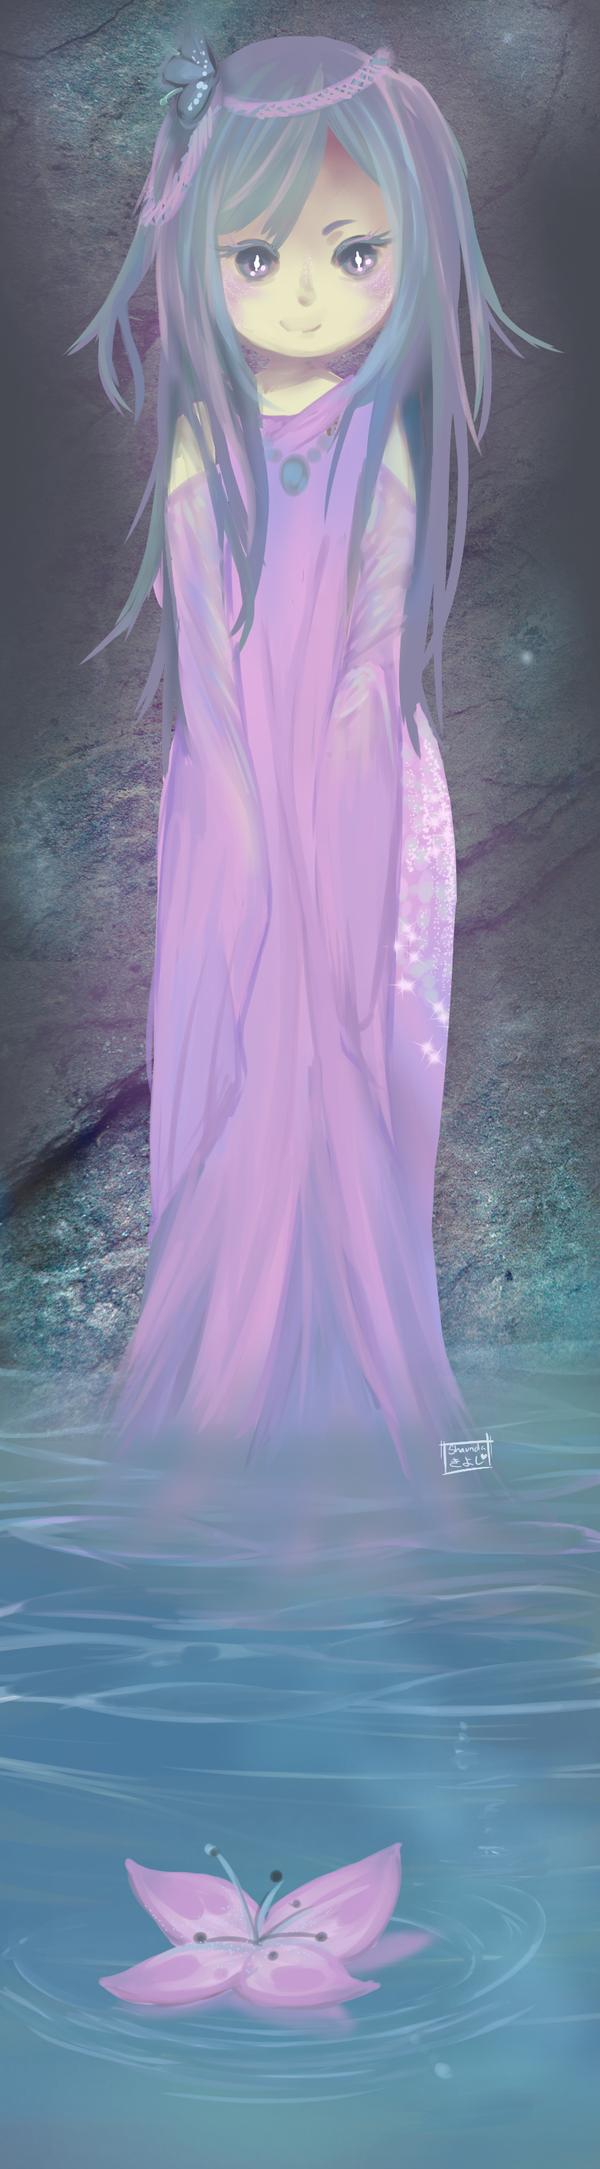 A cave mermaid